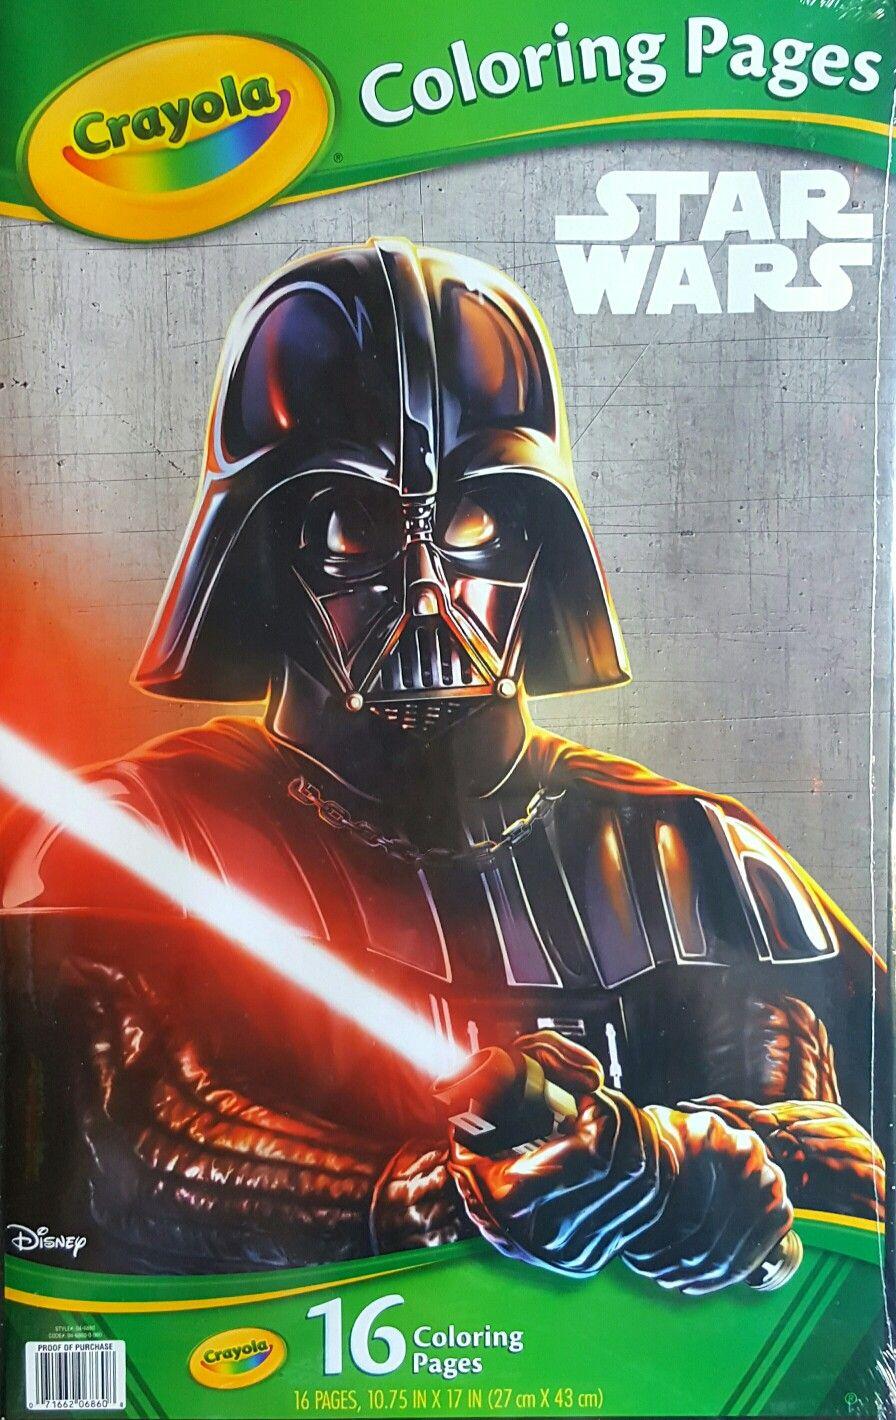 Star Wars Coloring Pages Crayola Disney Disney Star Wars Crayola Coloring Pages Coloring Pages